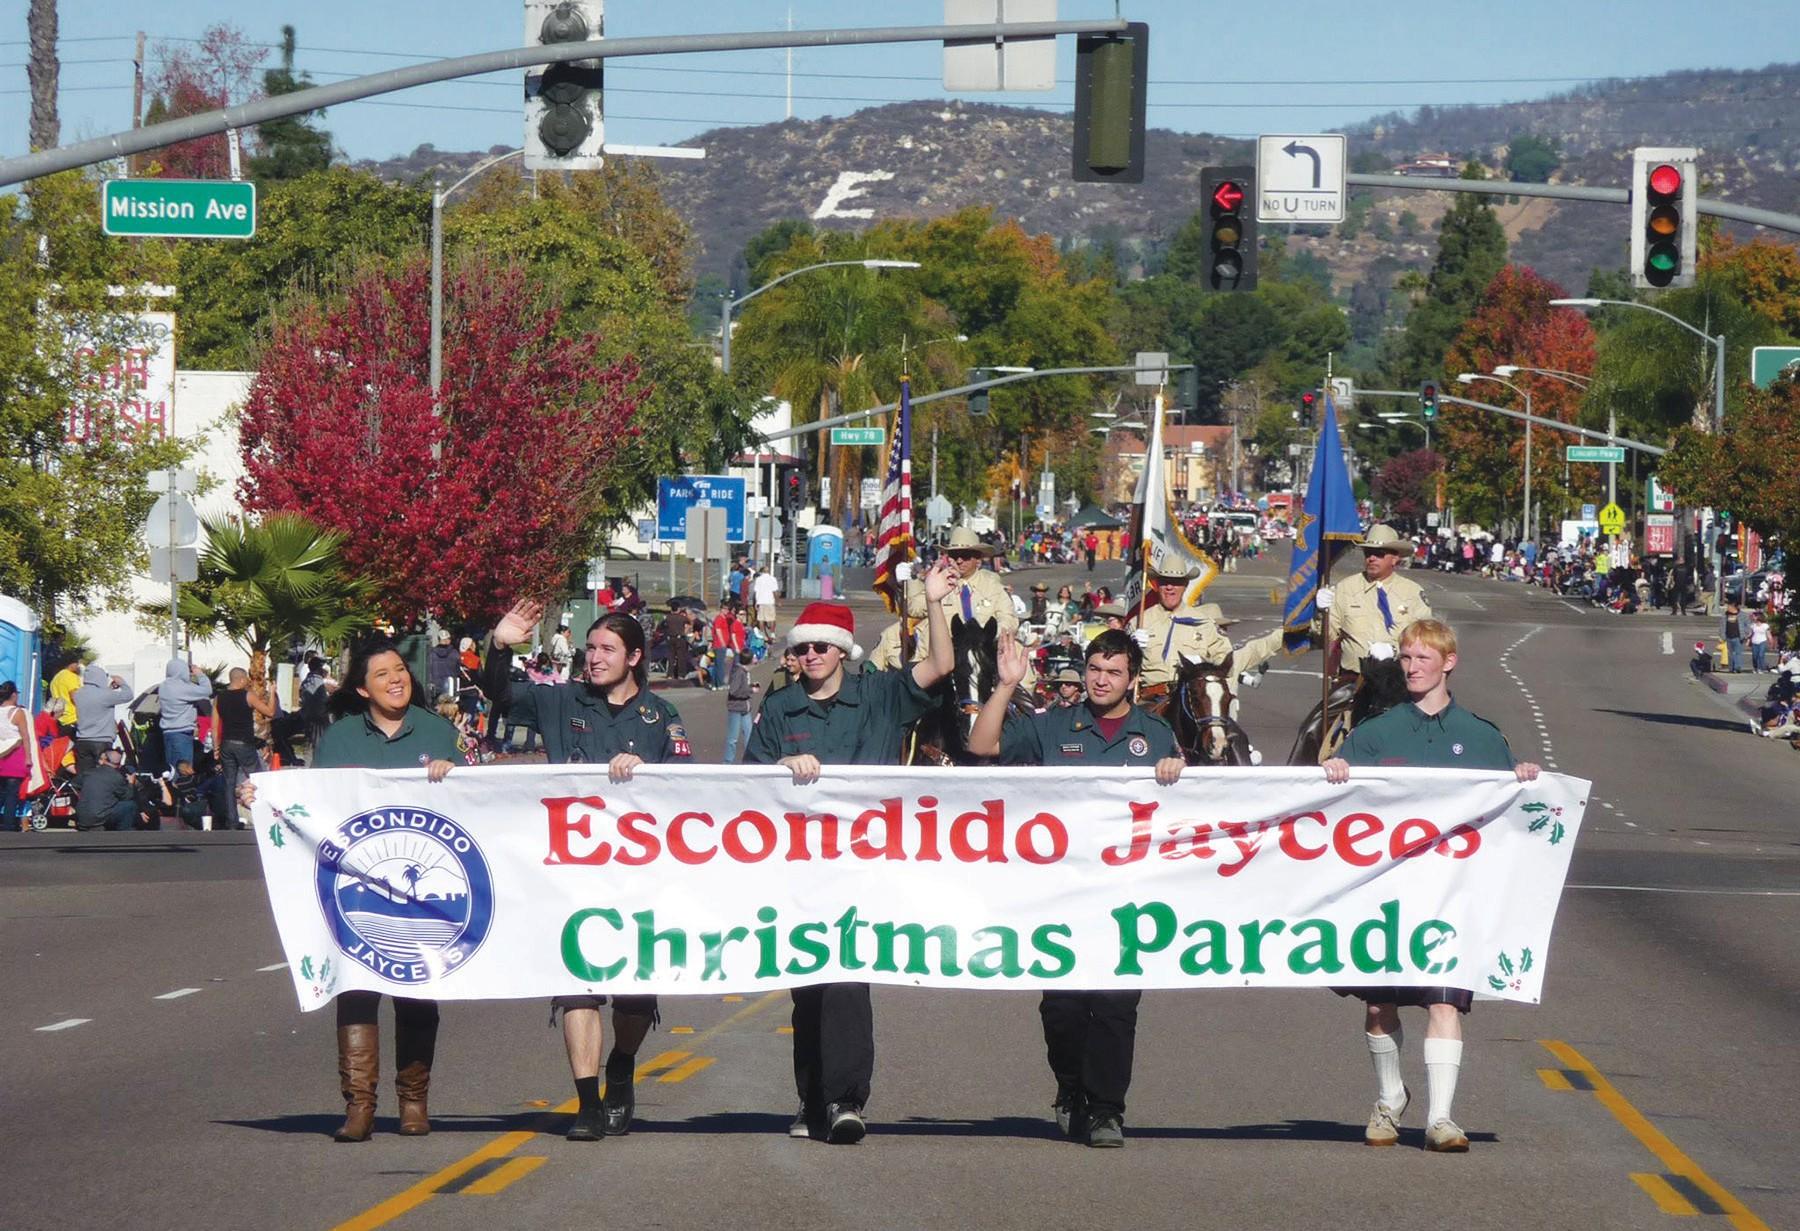 Escondido Christmas Parade 2021 Jaycees Christmas Parade Saturday Has Route 66 Theme Escondido Times Advocate